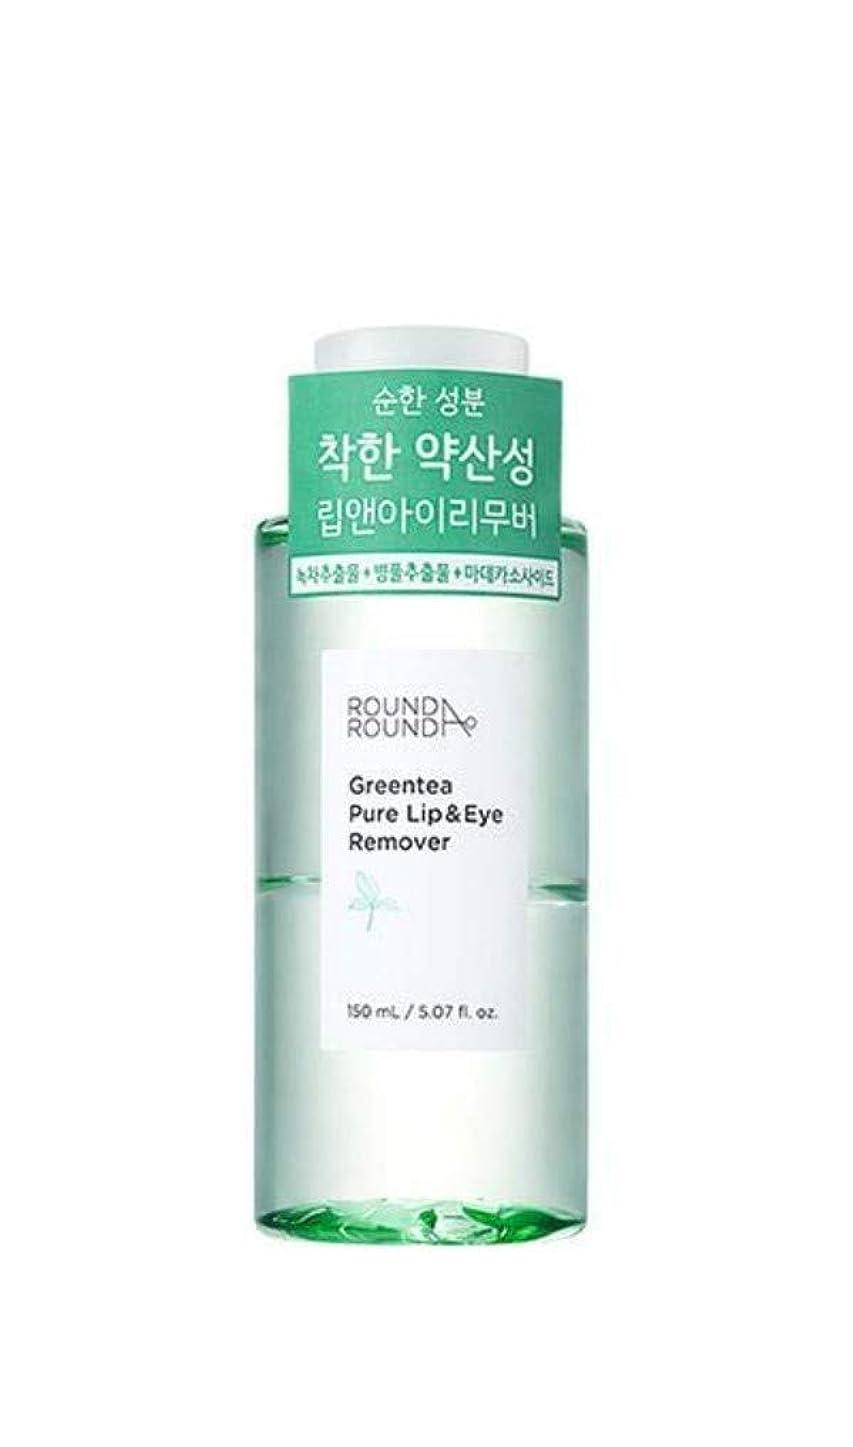 小間手入れ異議ROUND A ROUND☆GreenTea Pure Lip&Eye Remover 150ml 弱酸性リップ&アイリムーバー[並行輸入品]